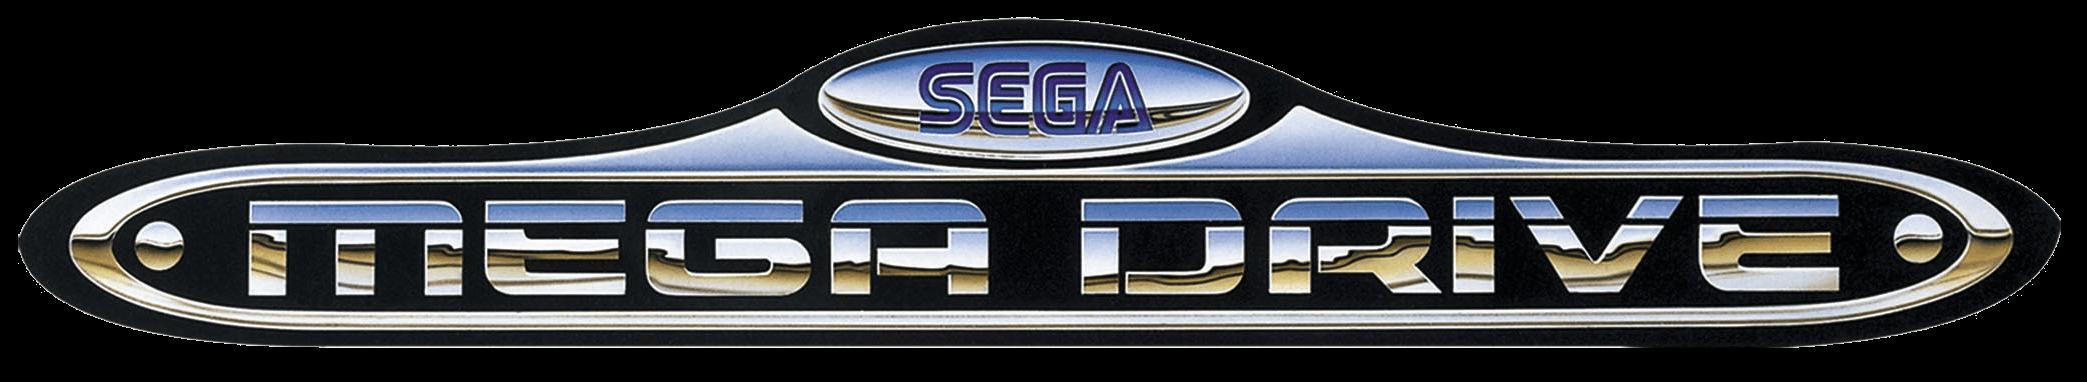 Sega Genesis/Megadrive to Seperate Platforms? - Noobs ...